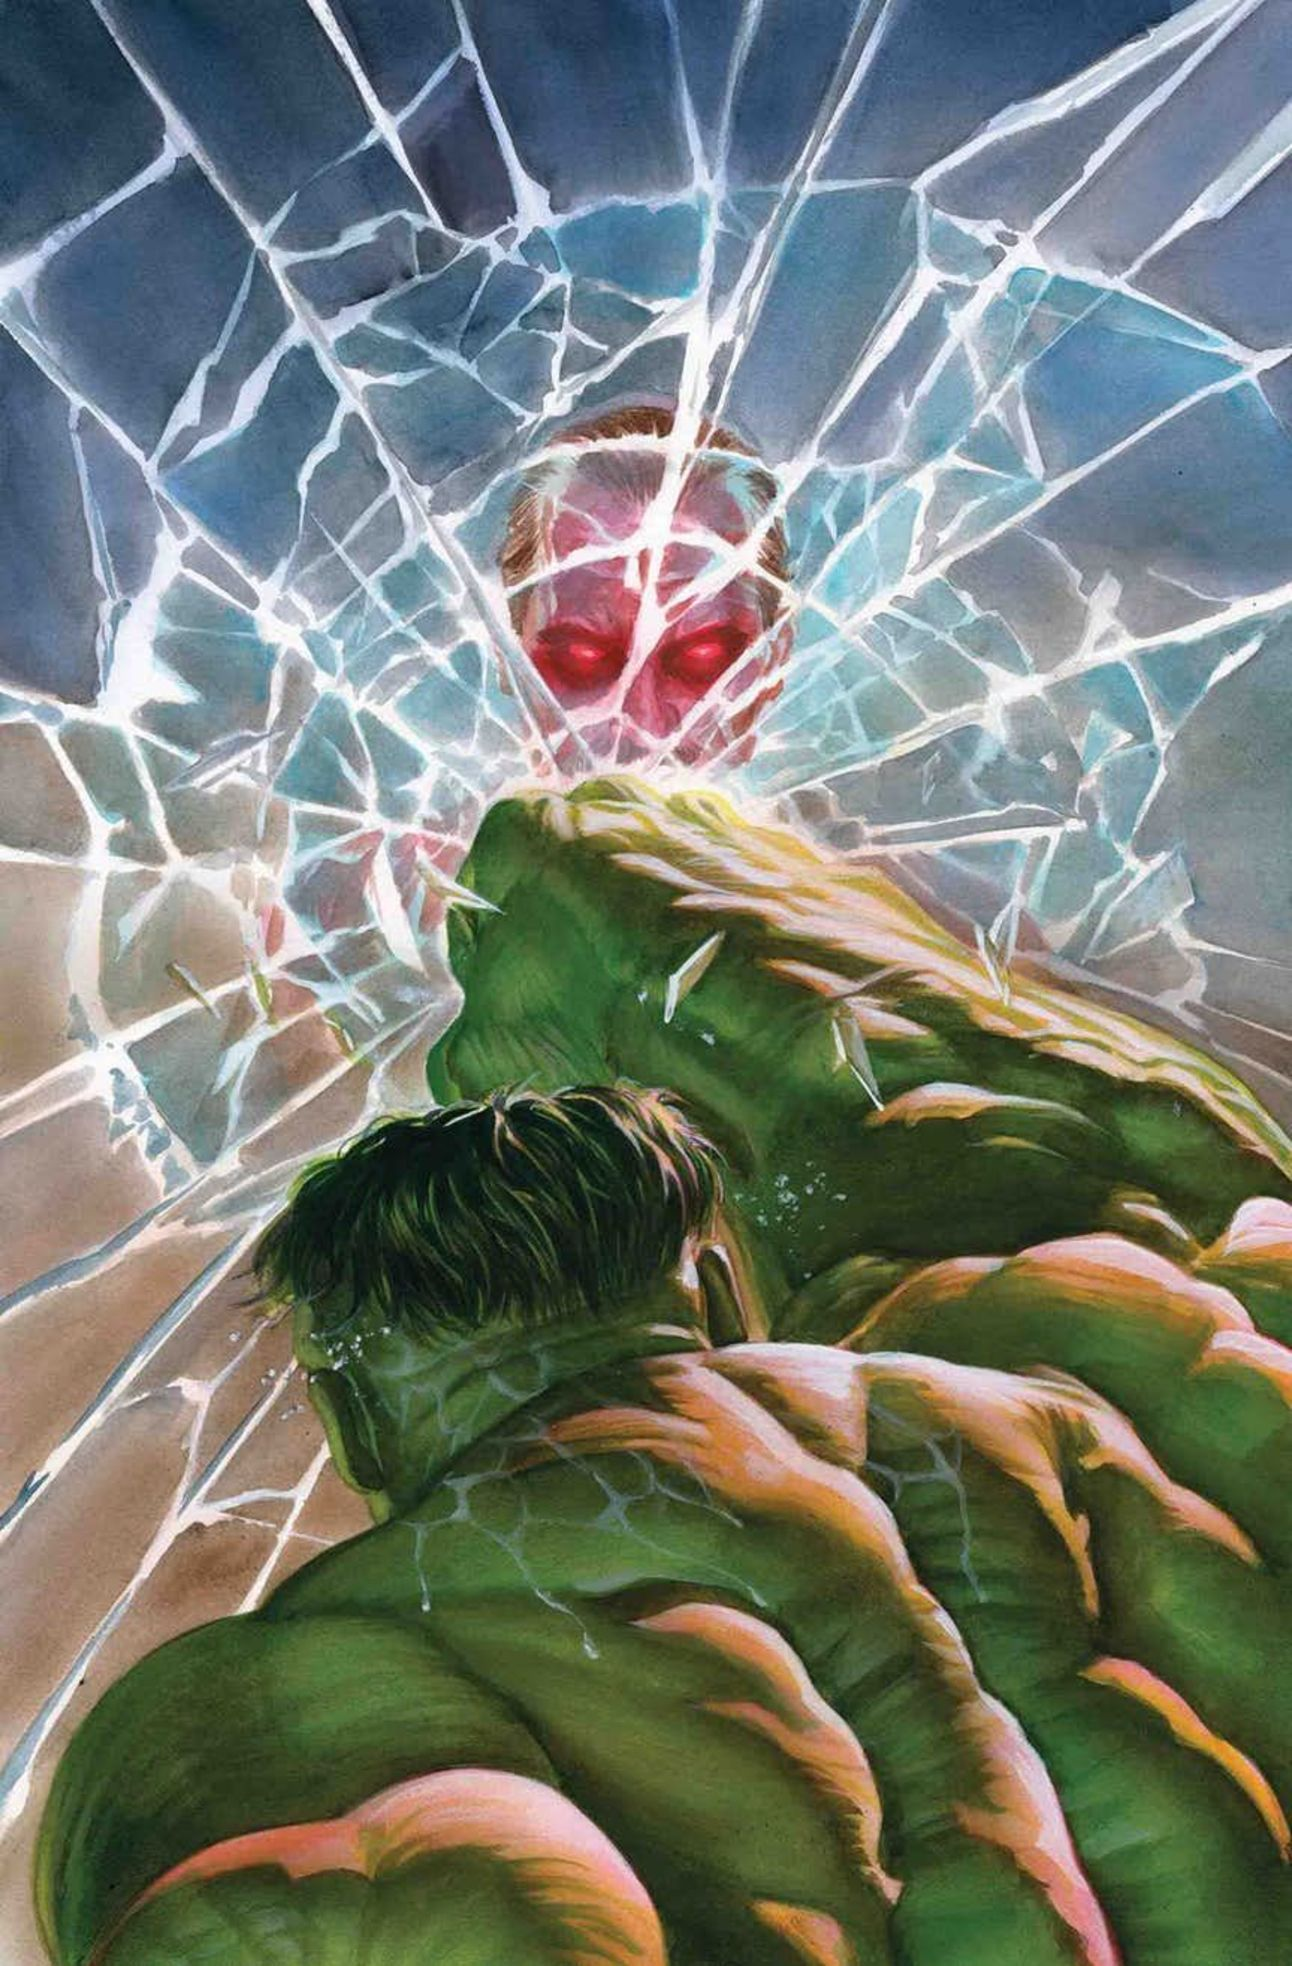 MarvelSeptember17